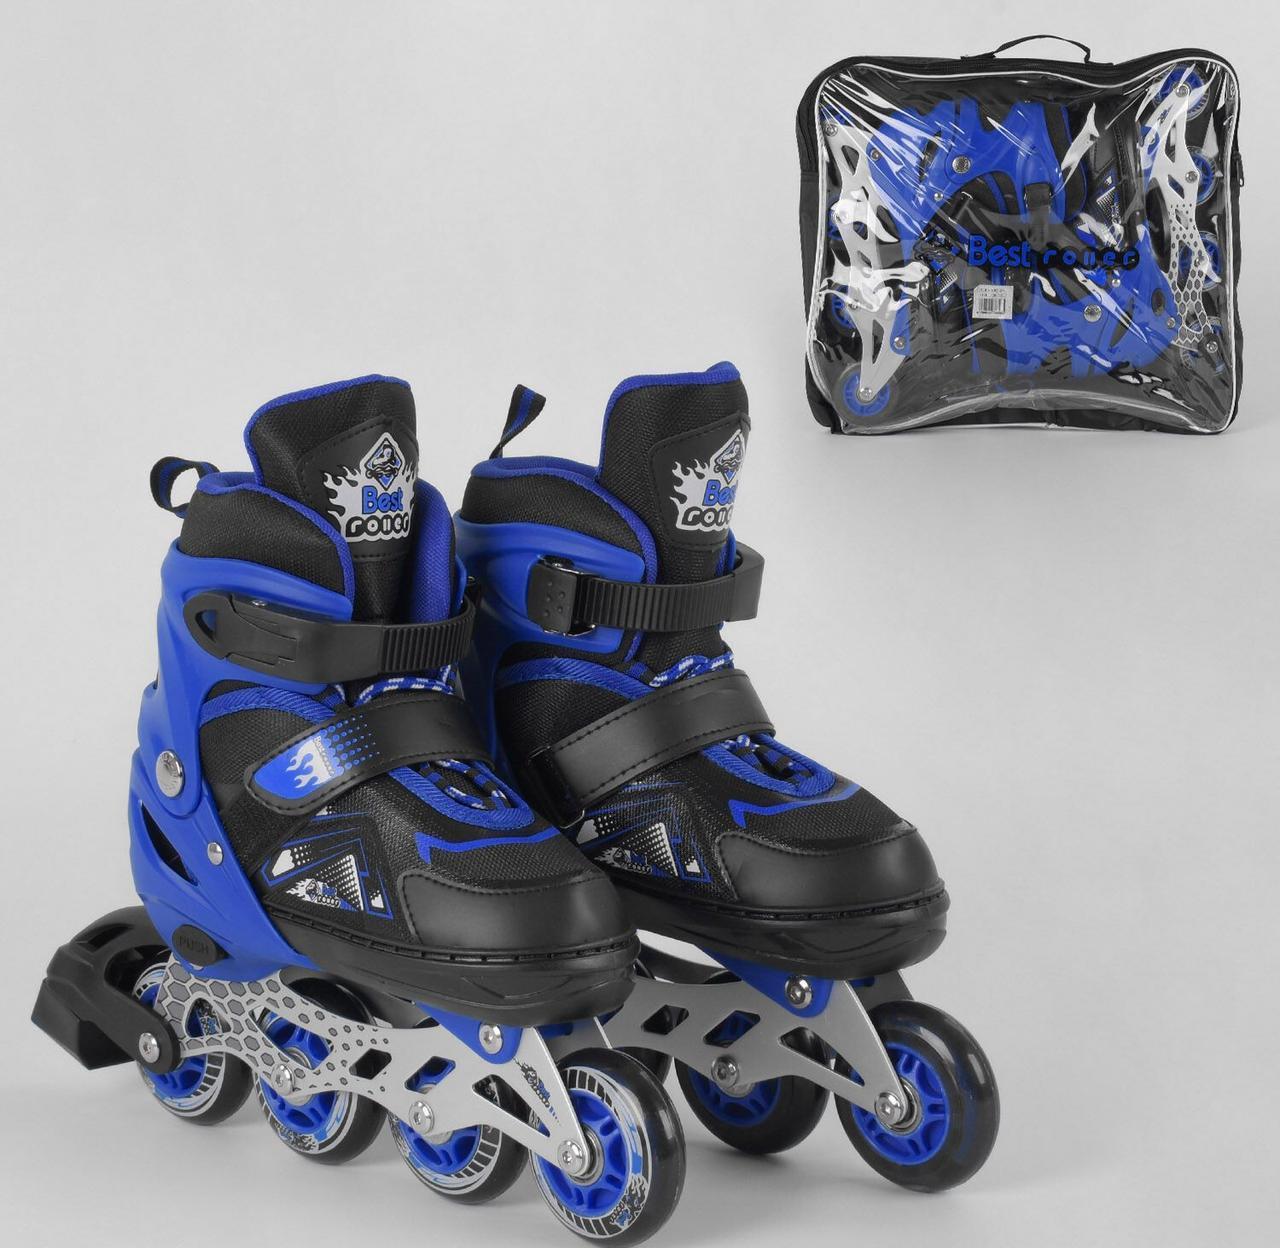 Ролики, з регулюванням розміру, PU колесами, гальмом для хлопчика 7917-М Best Roller розмір 34-37, сині